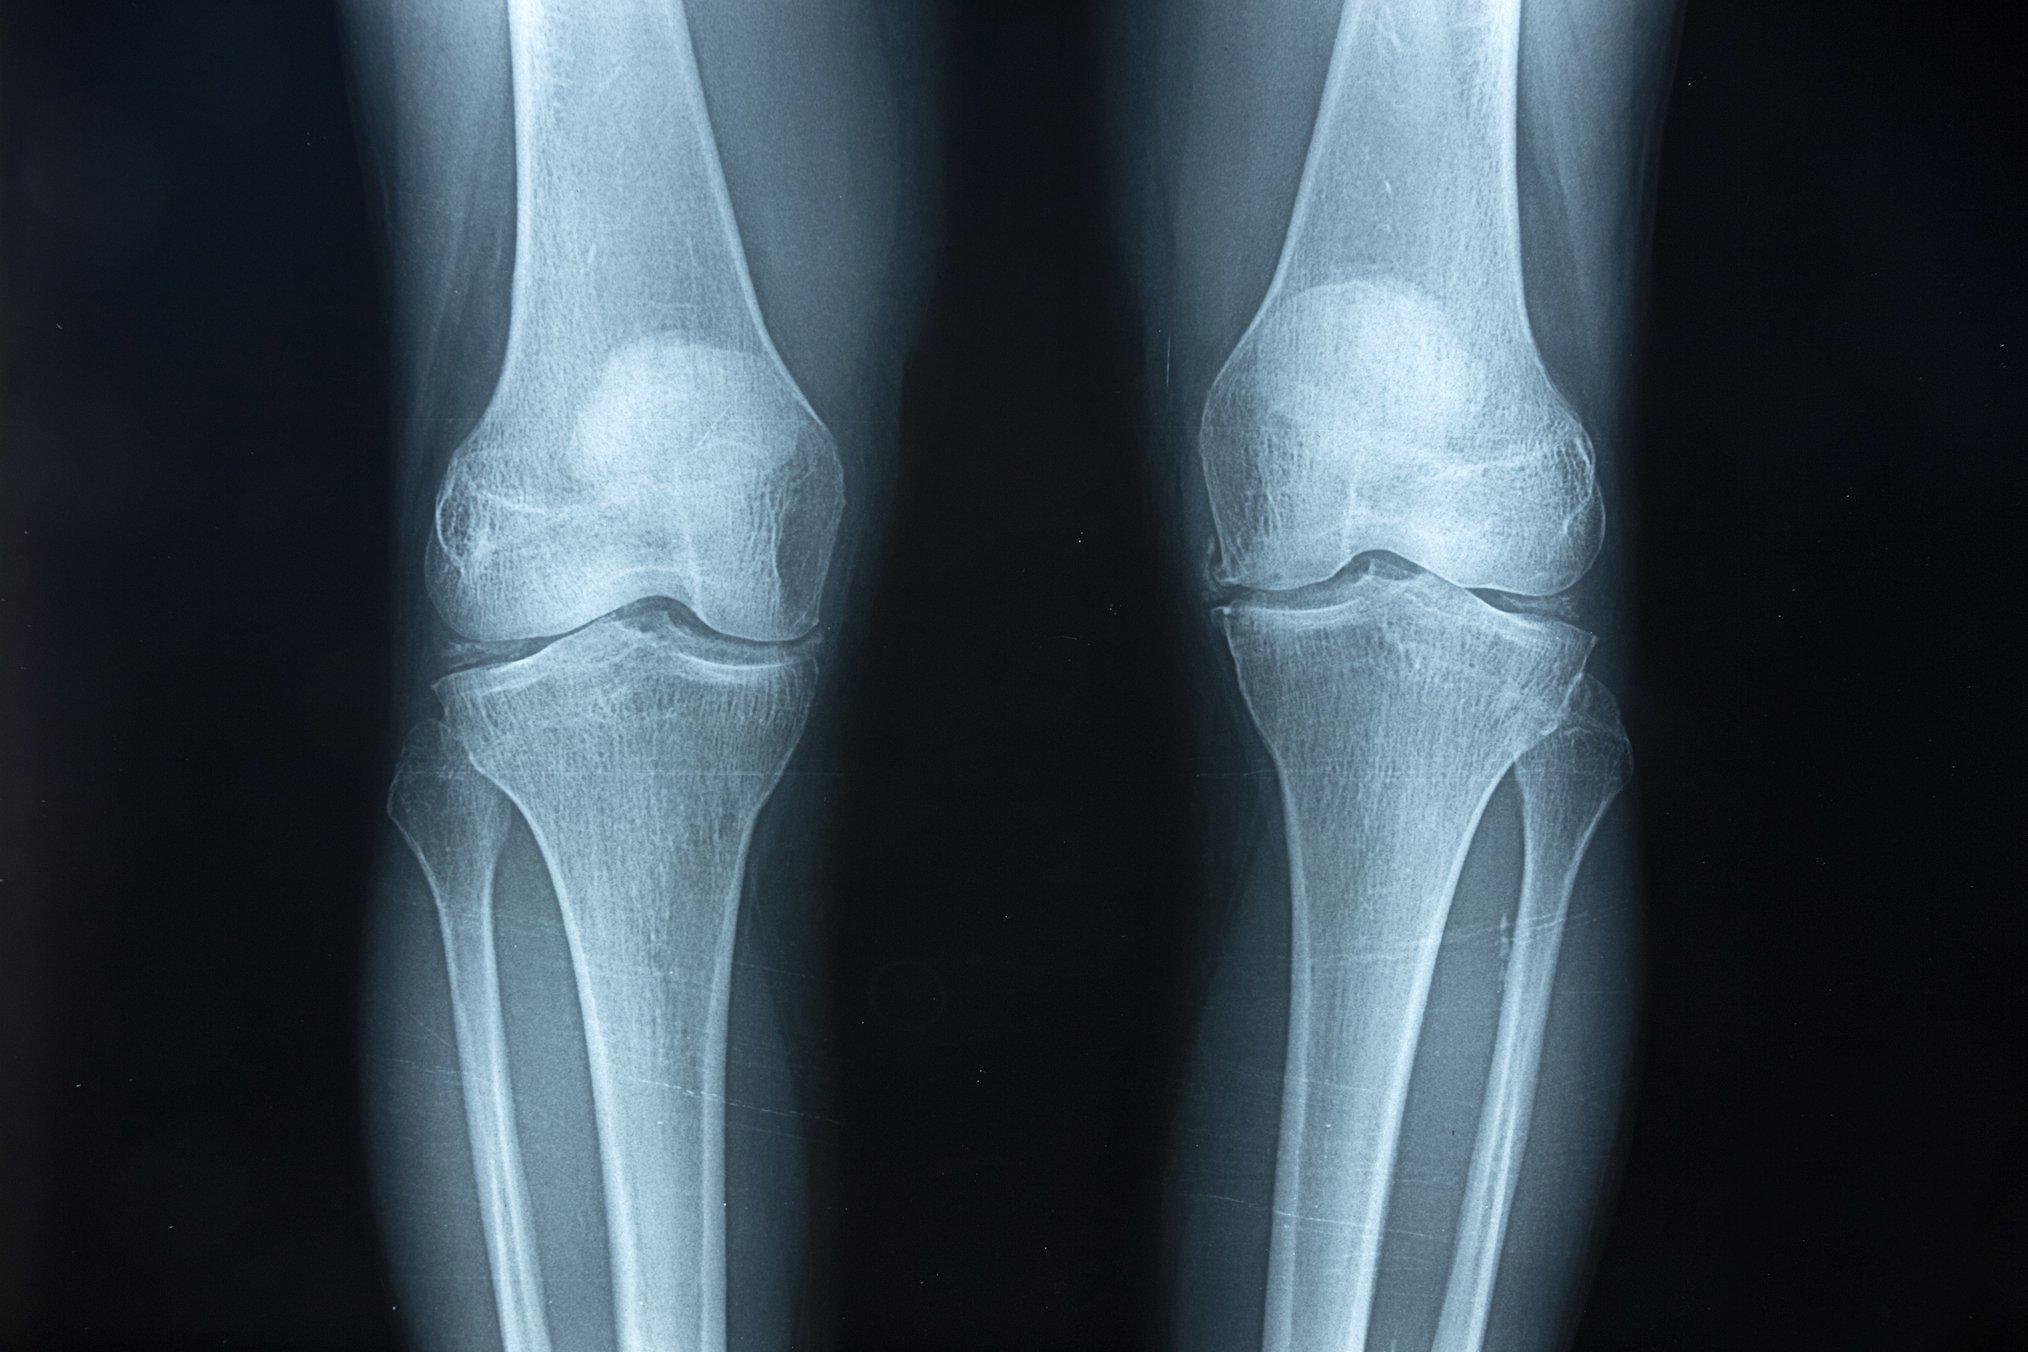 Das schwarzweiße Röntgenbild zeigt die beiden massiven Kniegelenke eines heutigen Menschen und jeweils ein Stück der Oberschenkelknochen sowie der Unterschenkel. Die Knochen im Gelenk stehen etwas schräg aufeinander, weil das Becken beim aufrecht gehenden Menschen breiter ist als bei Affen. So lässt sich auch an fossilen Knochen erkennen, ob sich ein Lebewesen einst zweibeinig fortbewegt hat.